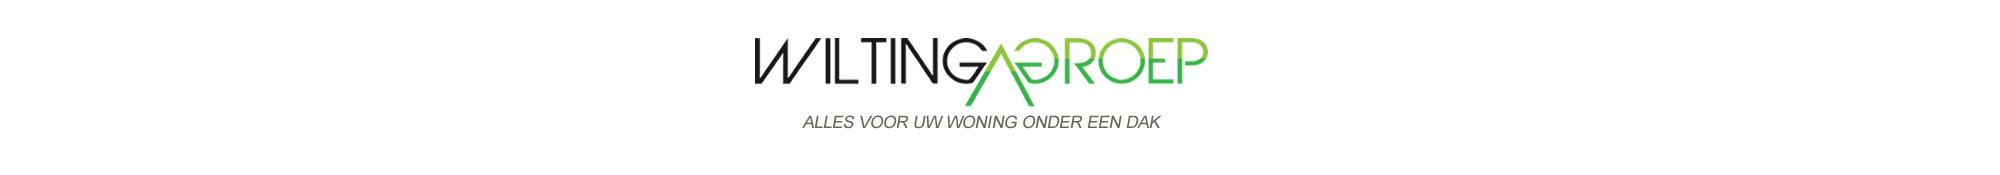 bouwbedrijf_wilting_groep_veendam_allround_aannemer-TOP